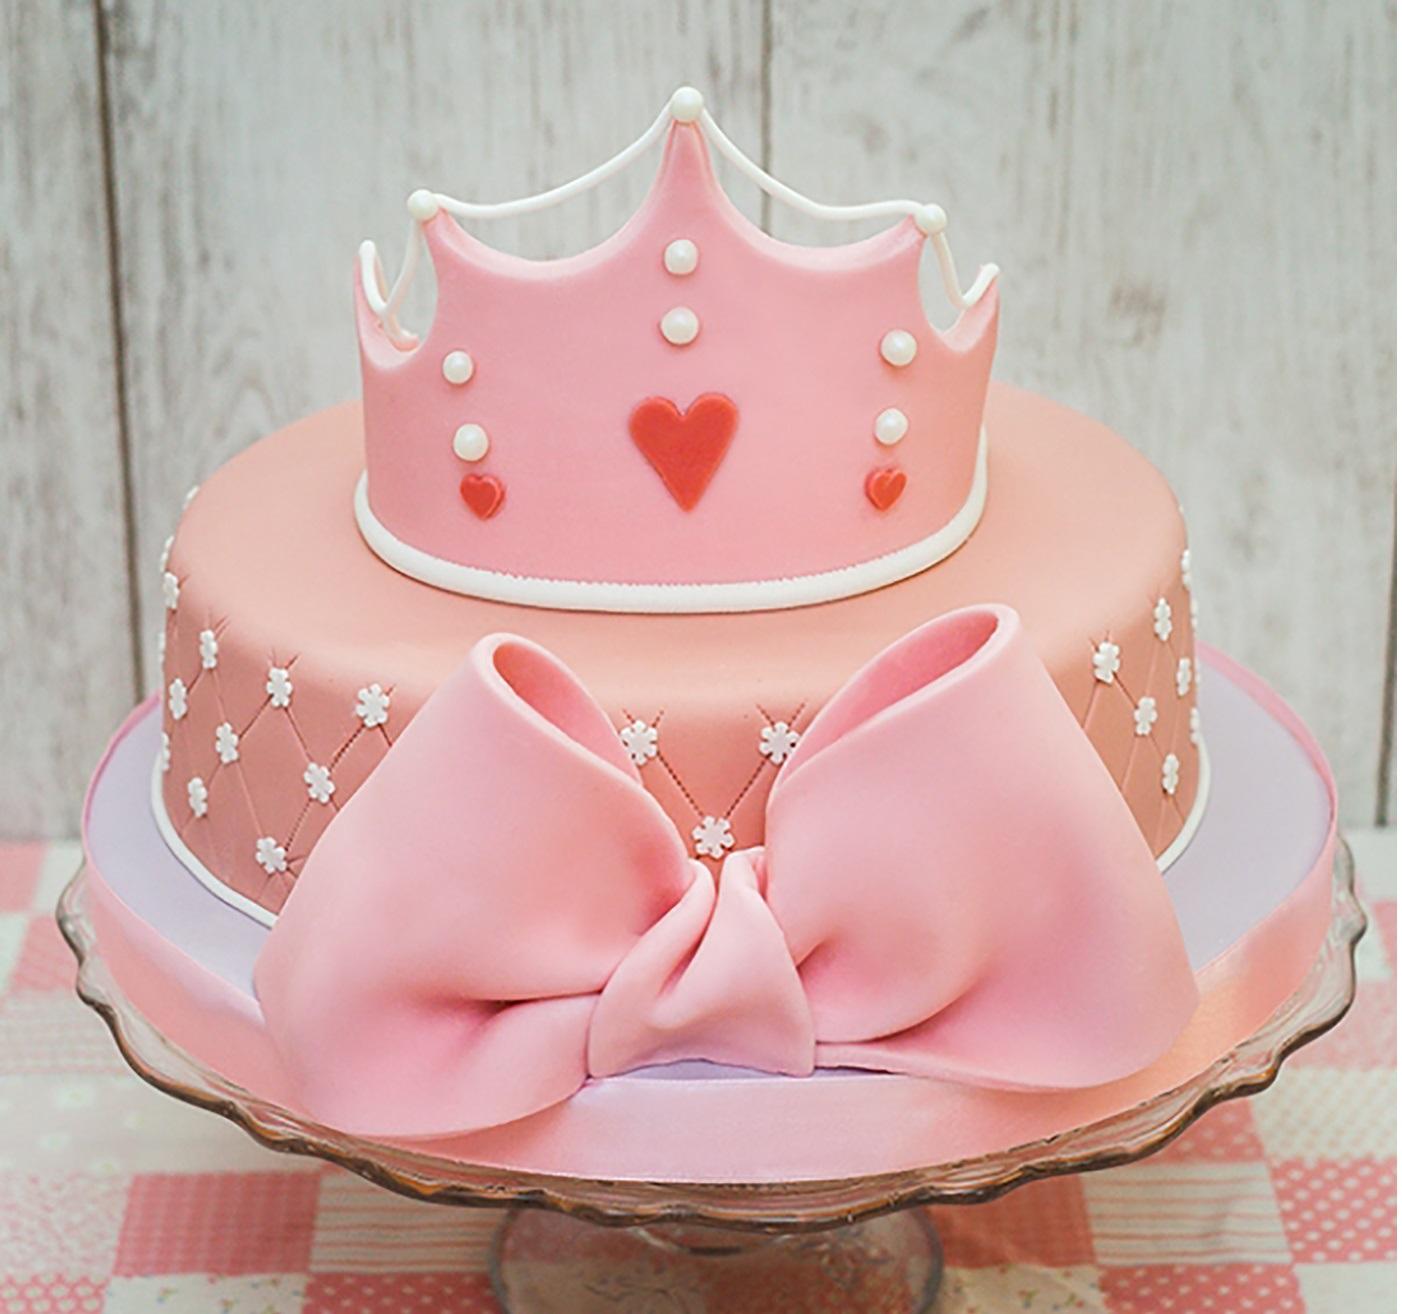 случай картинки тортиков для малышей как снималась данная